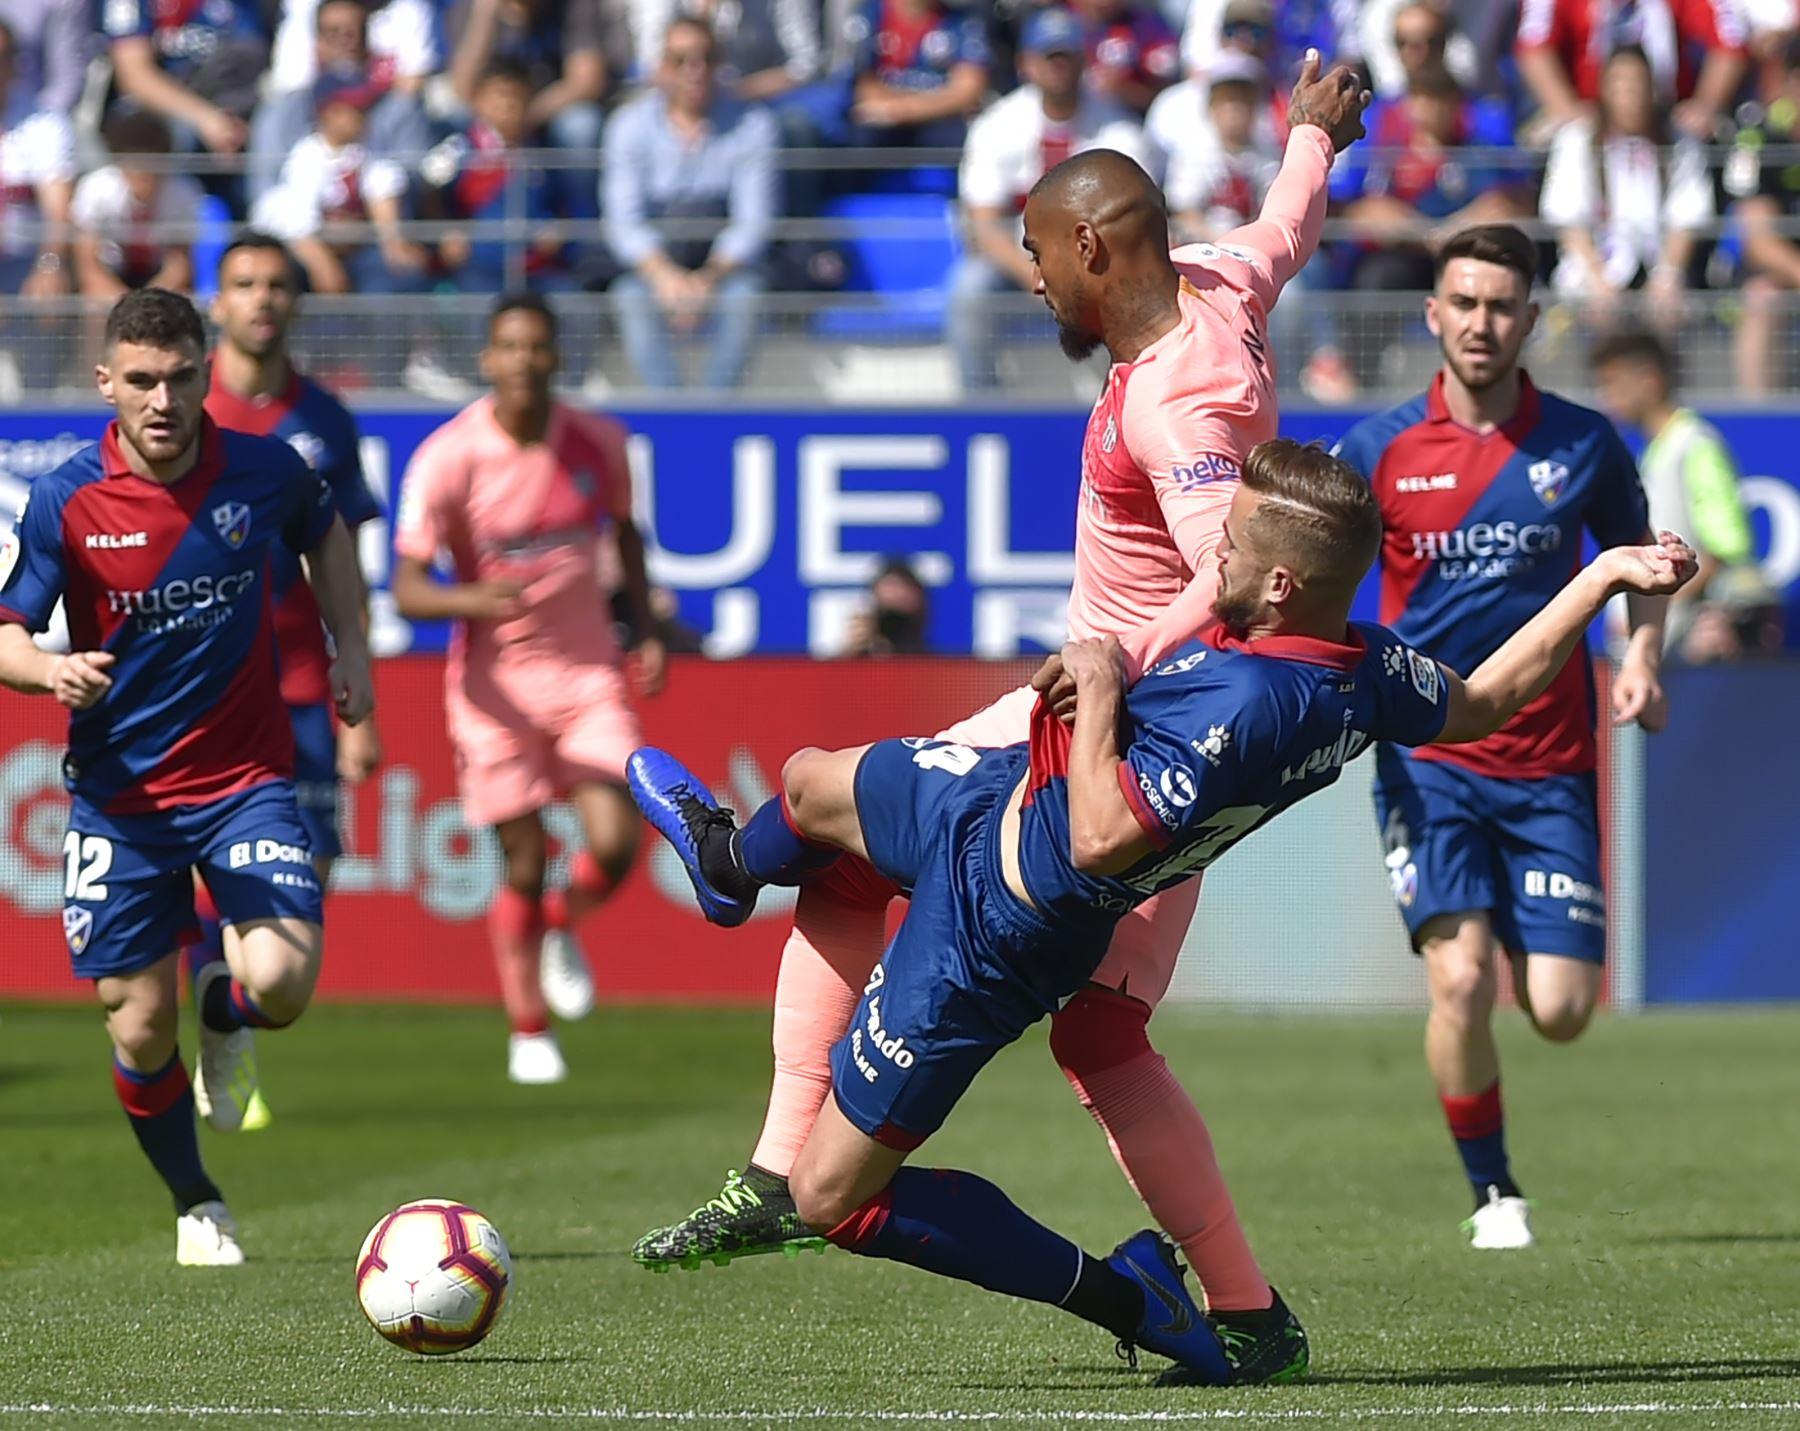 El delantero ghanés Kevin-Prince Boateng (arriba) compite con el defensor español Jorge Pulido, del SD Huesca, durante el partido de fútbol de la liga española entre el SD Huesca y el FC Barcelona.Foto:AFP